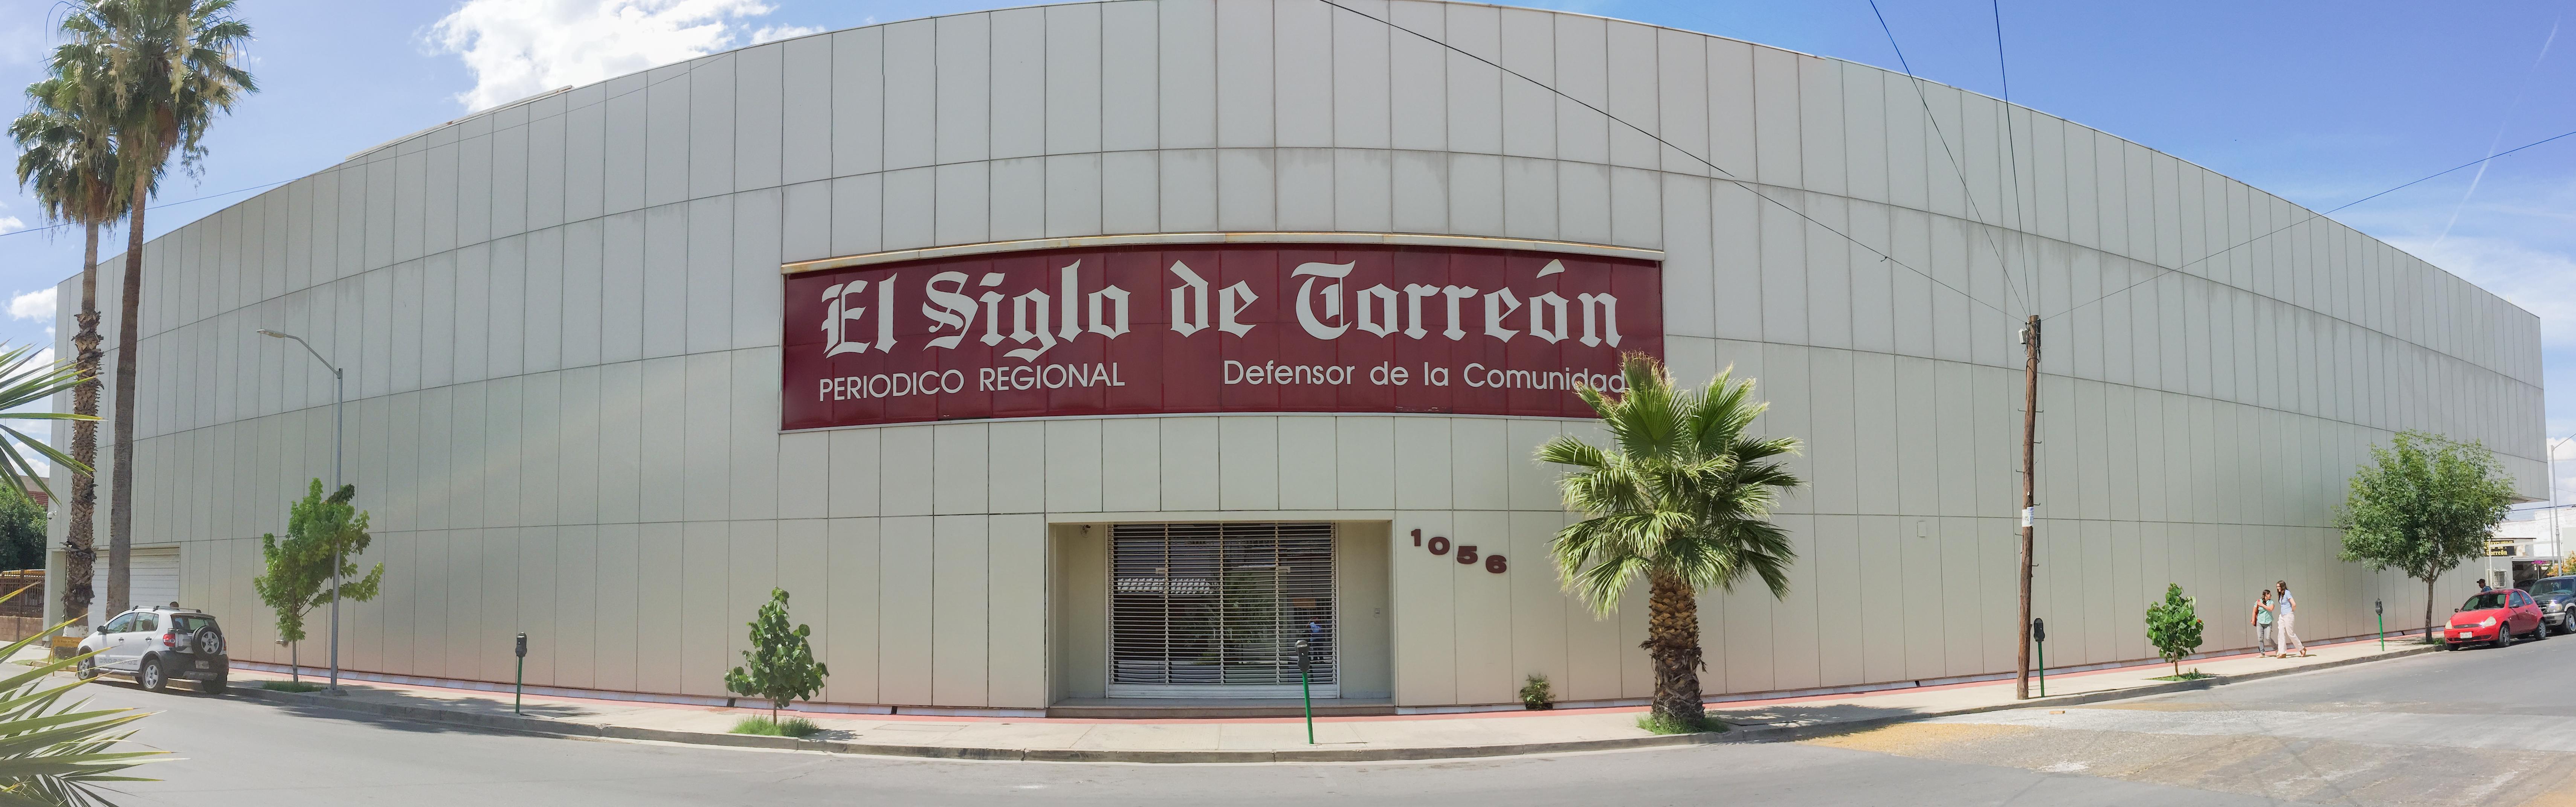 Edificio de El Siglo de Torreón